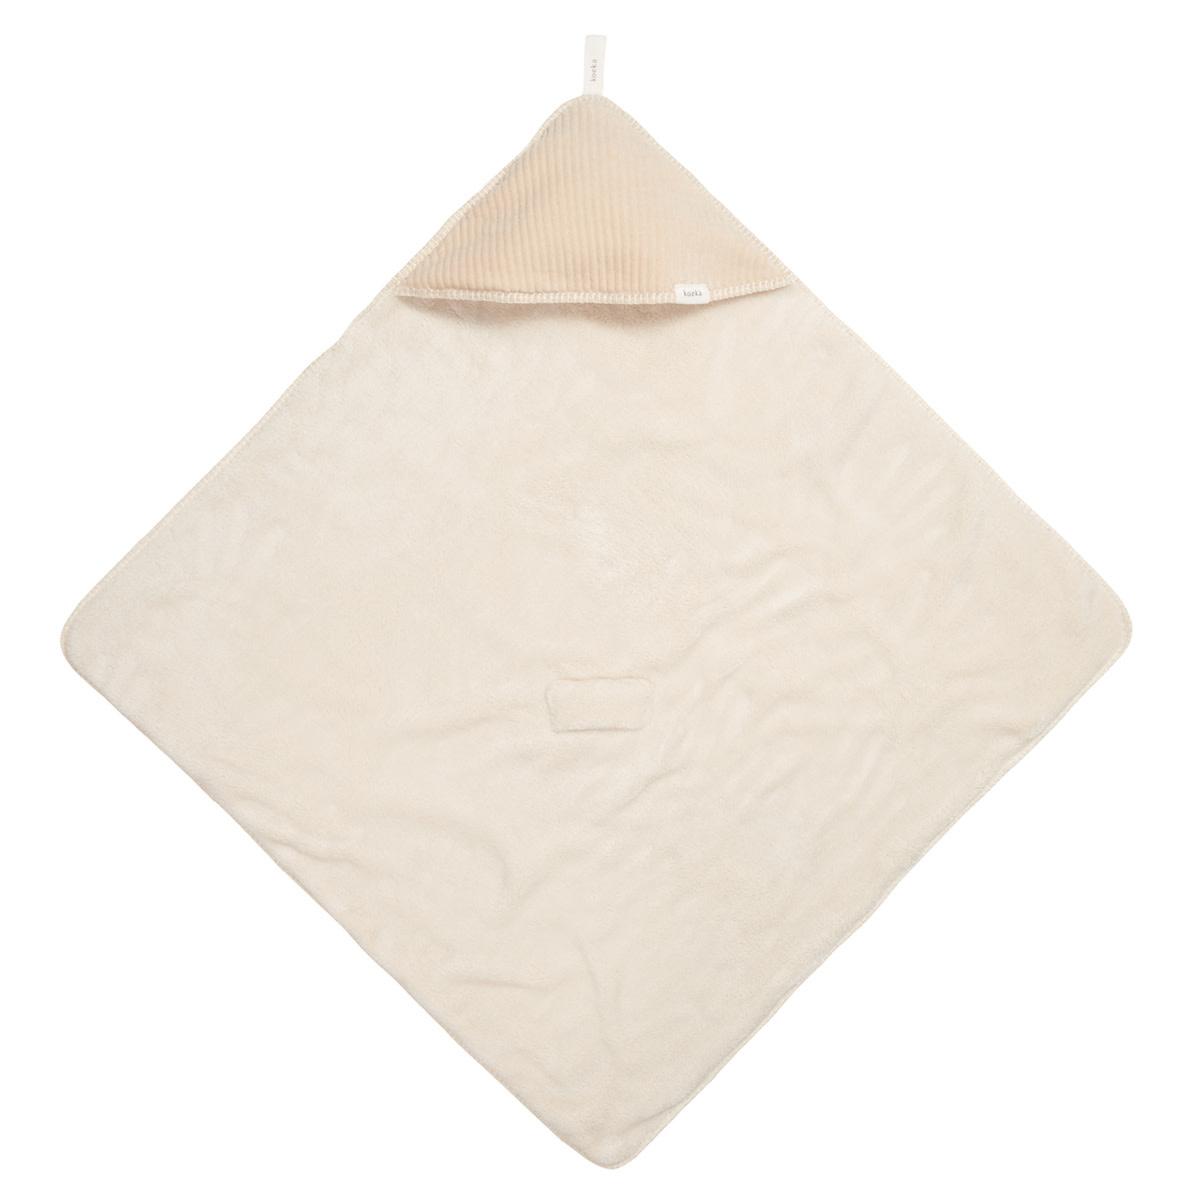 Omslagdoek vik sand-1